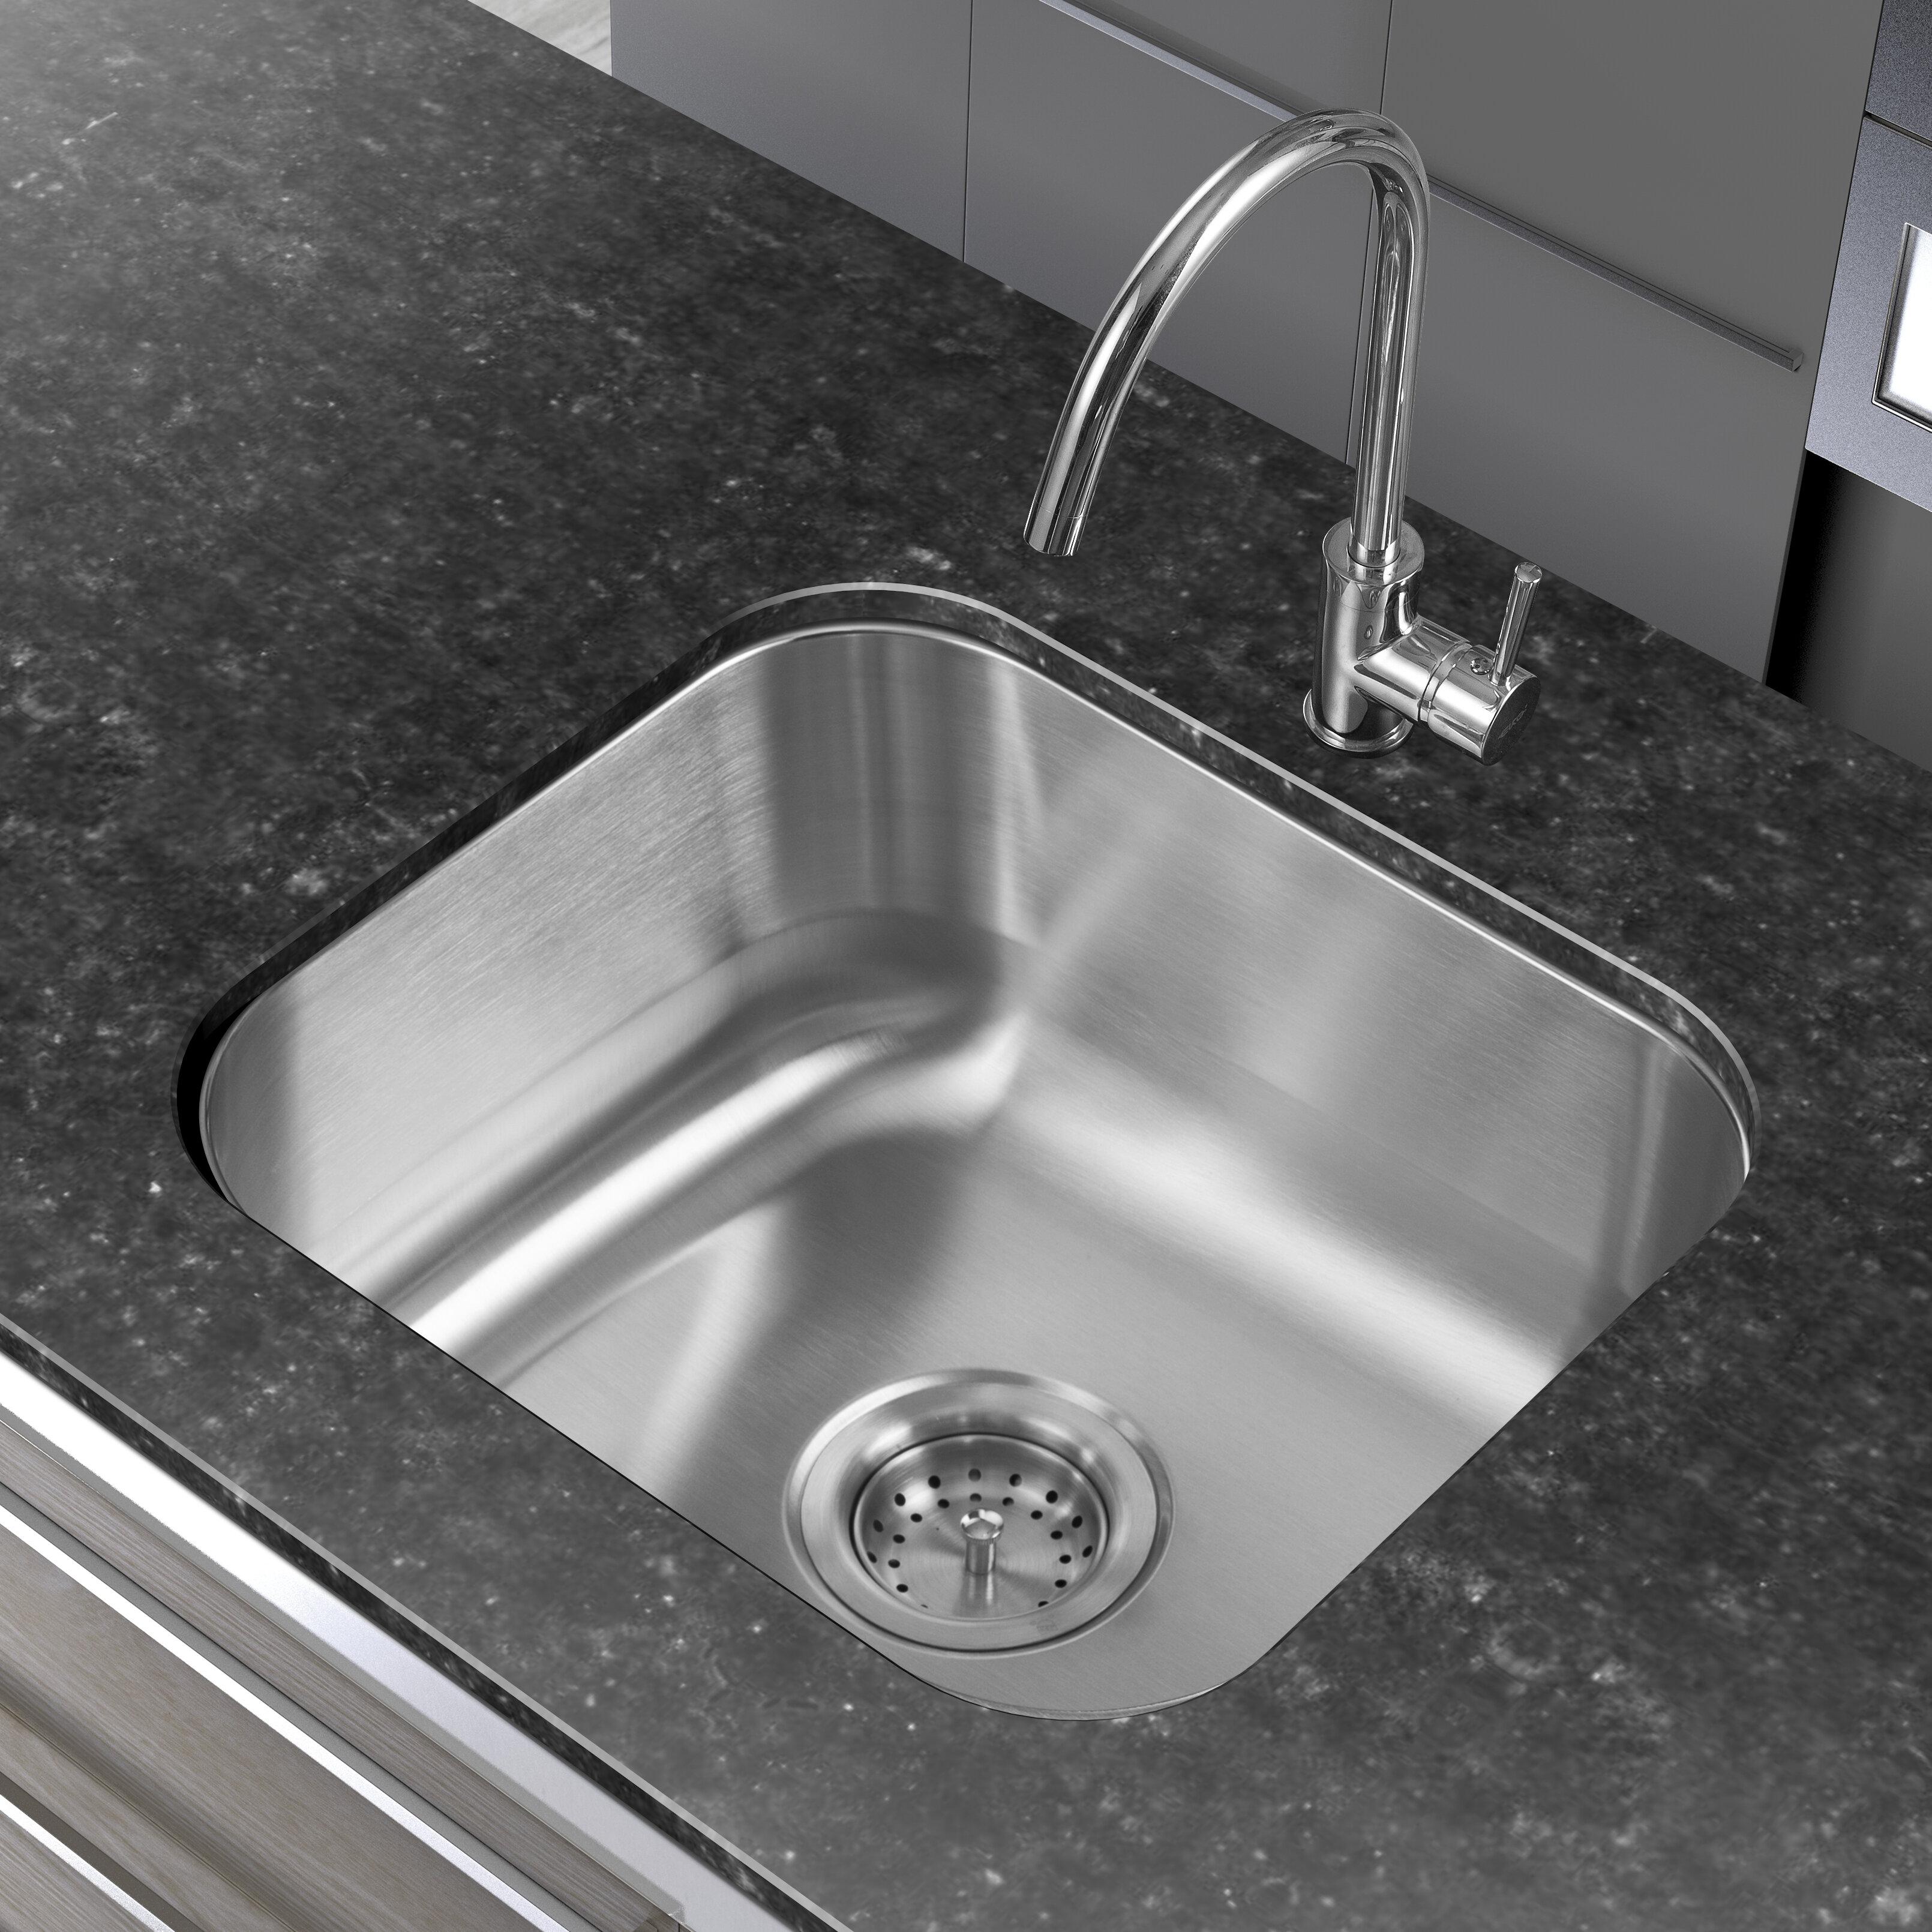 Undermount Kitchen Sink With Drainer Winpro 18 x 16 single basin undermount kitchen sink reviews winpro 18 x 16 single basin undermount kitchen sink reviews wayfair workwithnaturefo